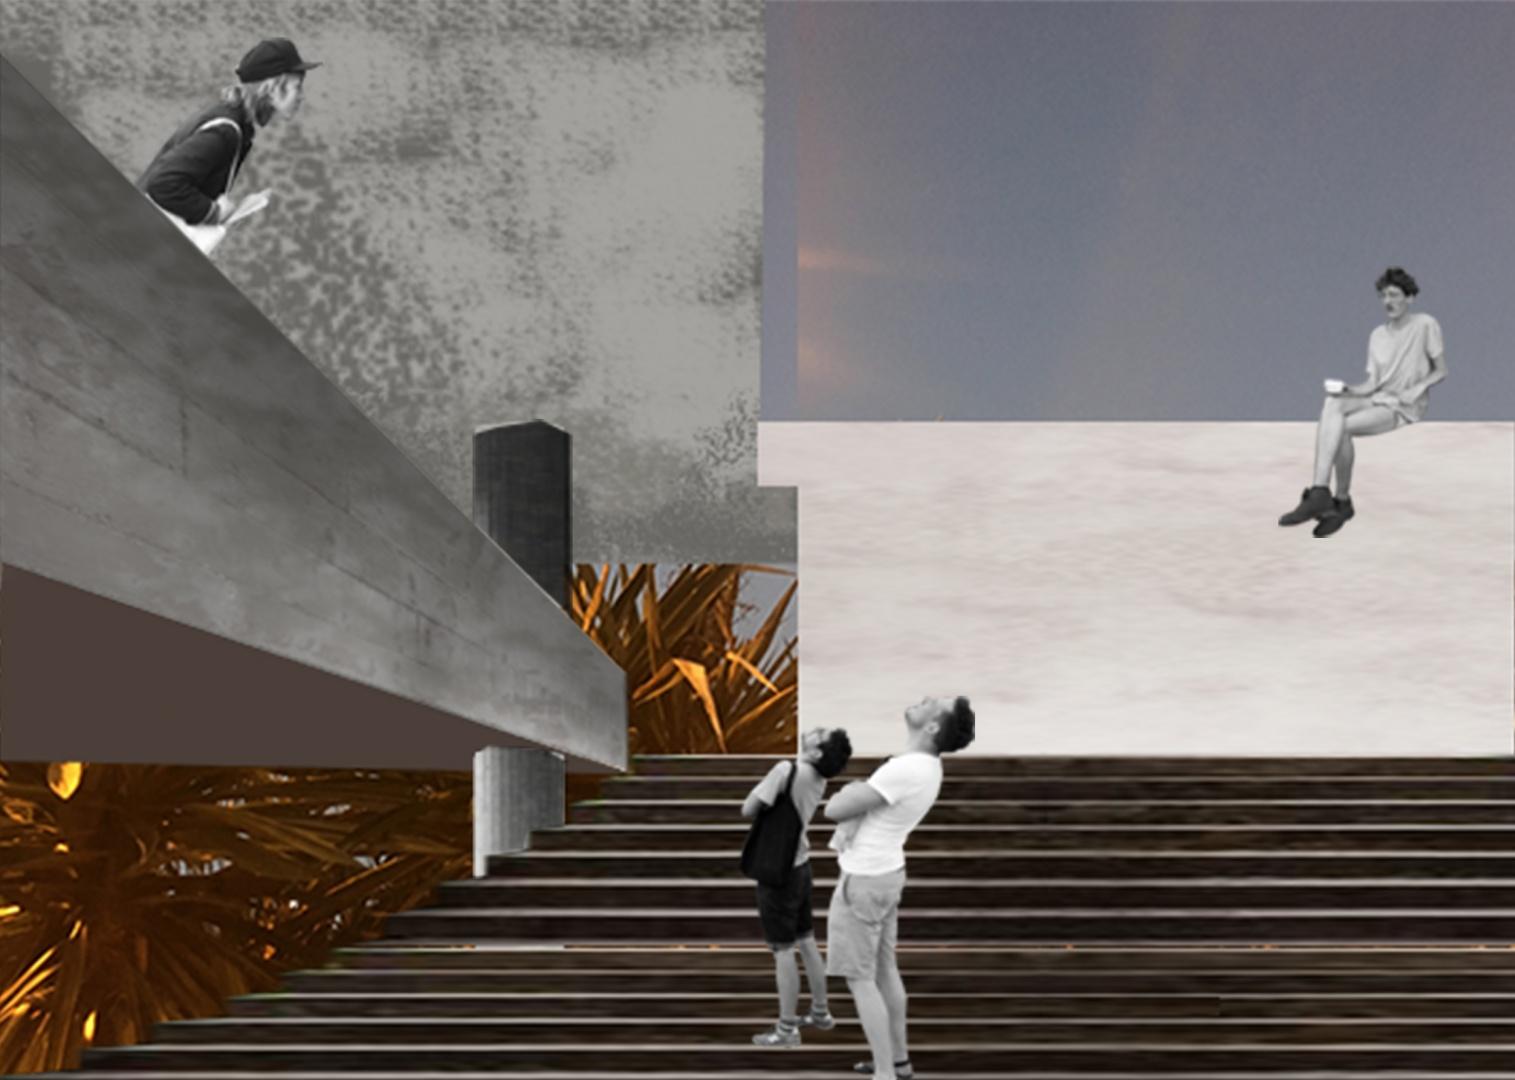 Entwurfscollage 2 © Sascha Dändliker & Francesca Thaler